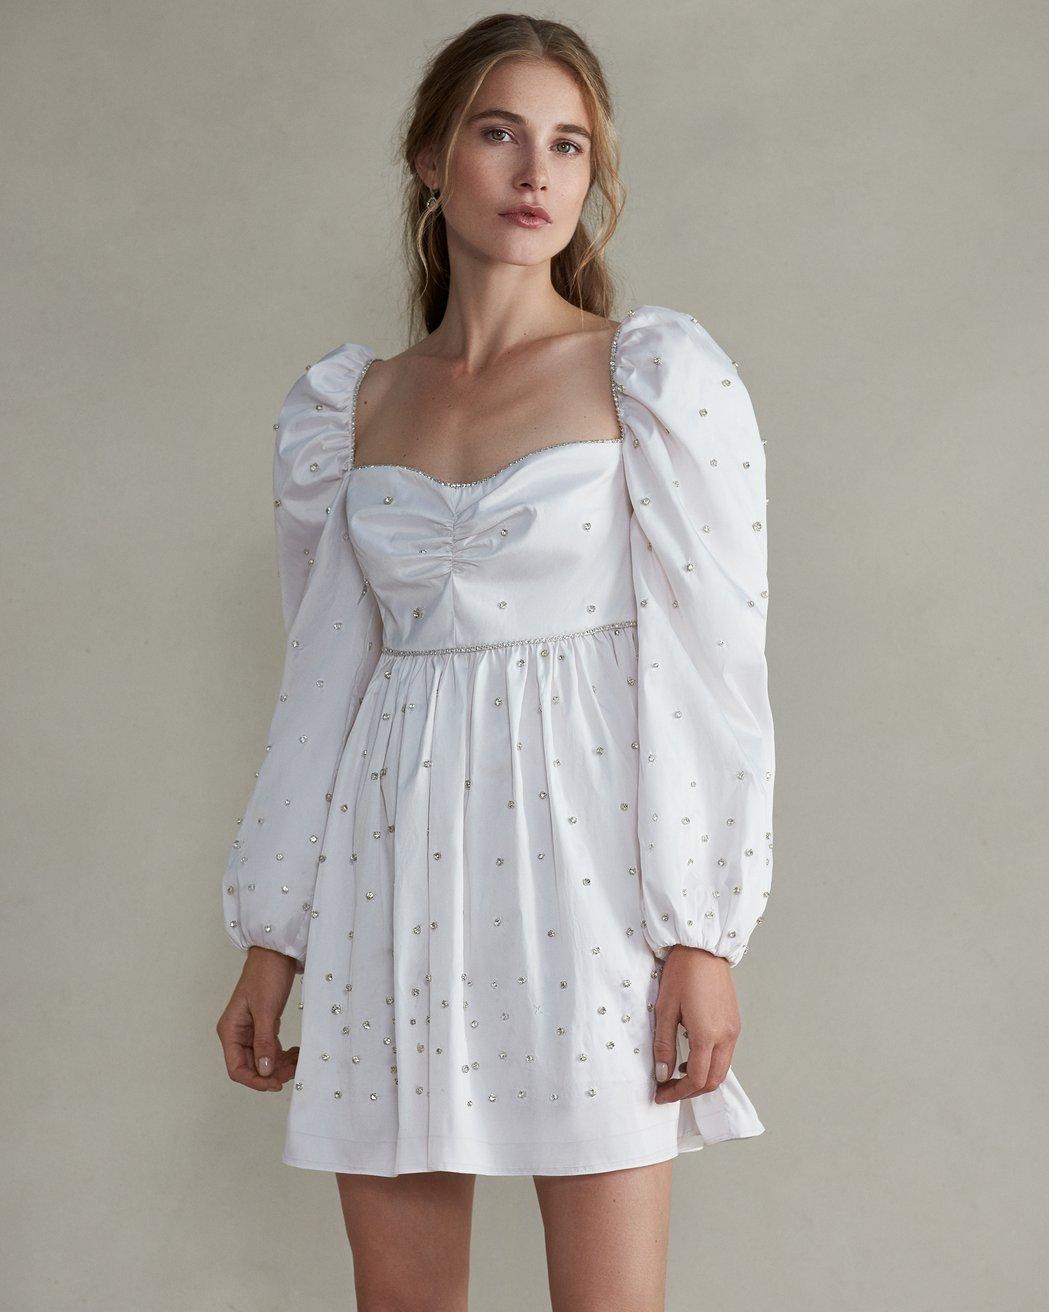 Дизайнеры свадебных платьев, о которых вы не слышали-Фото 4